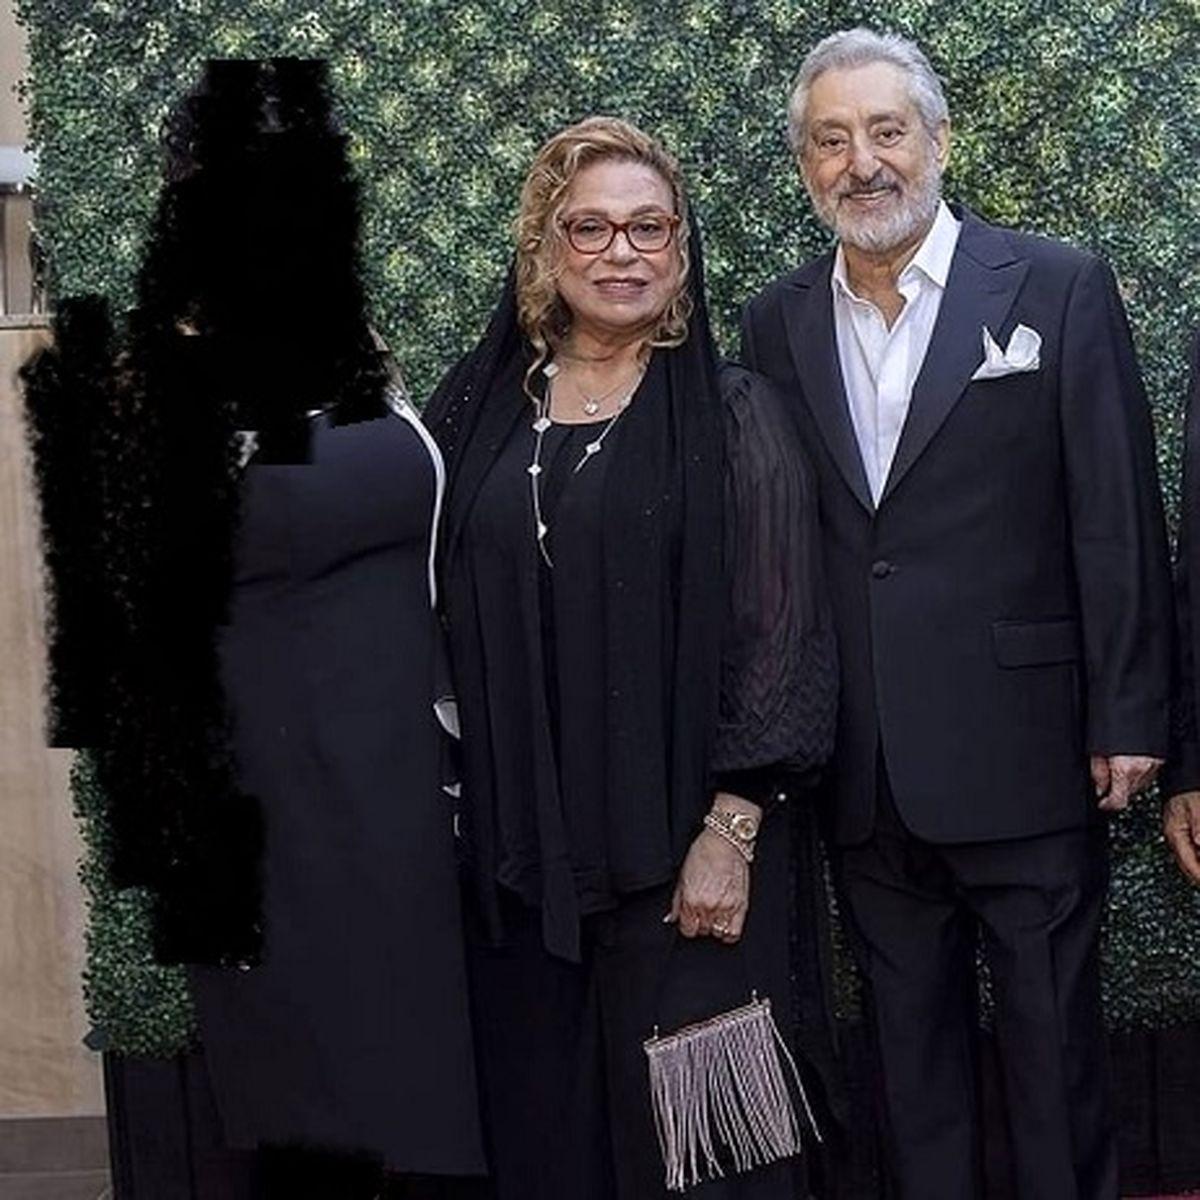 گوهر خیراندیش بدون حجاب در کنار خواننده لس آنجلسی + عکس